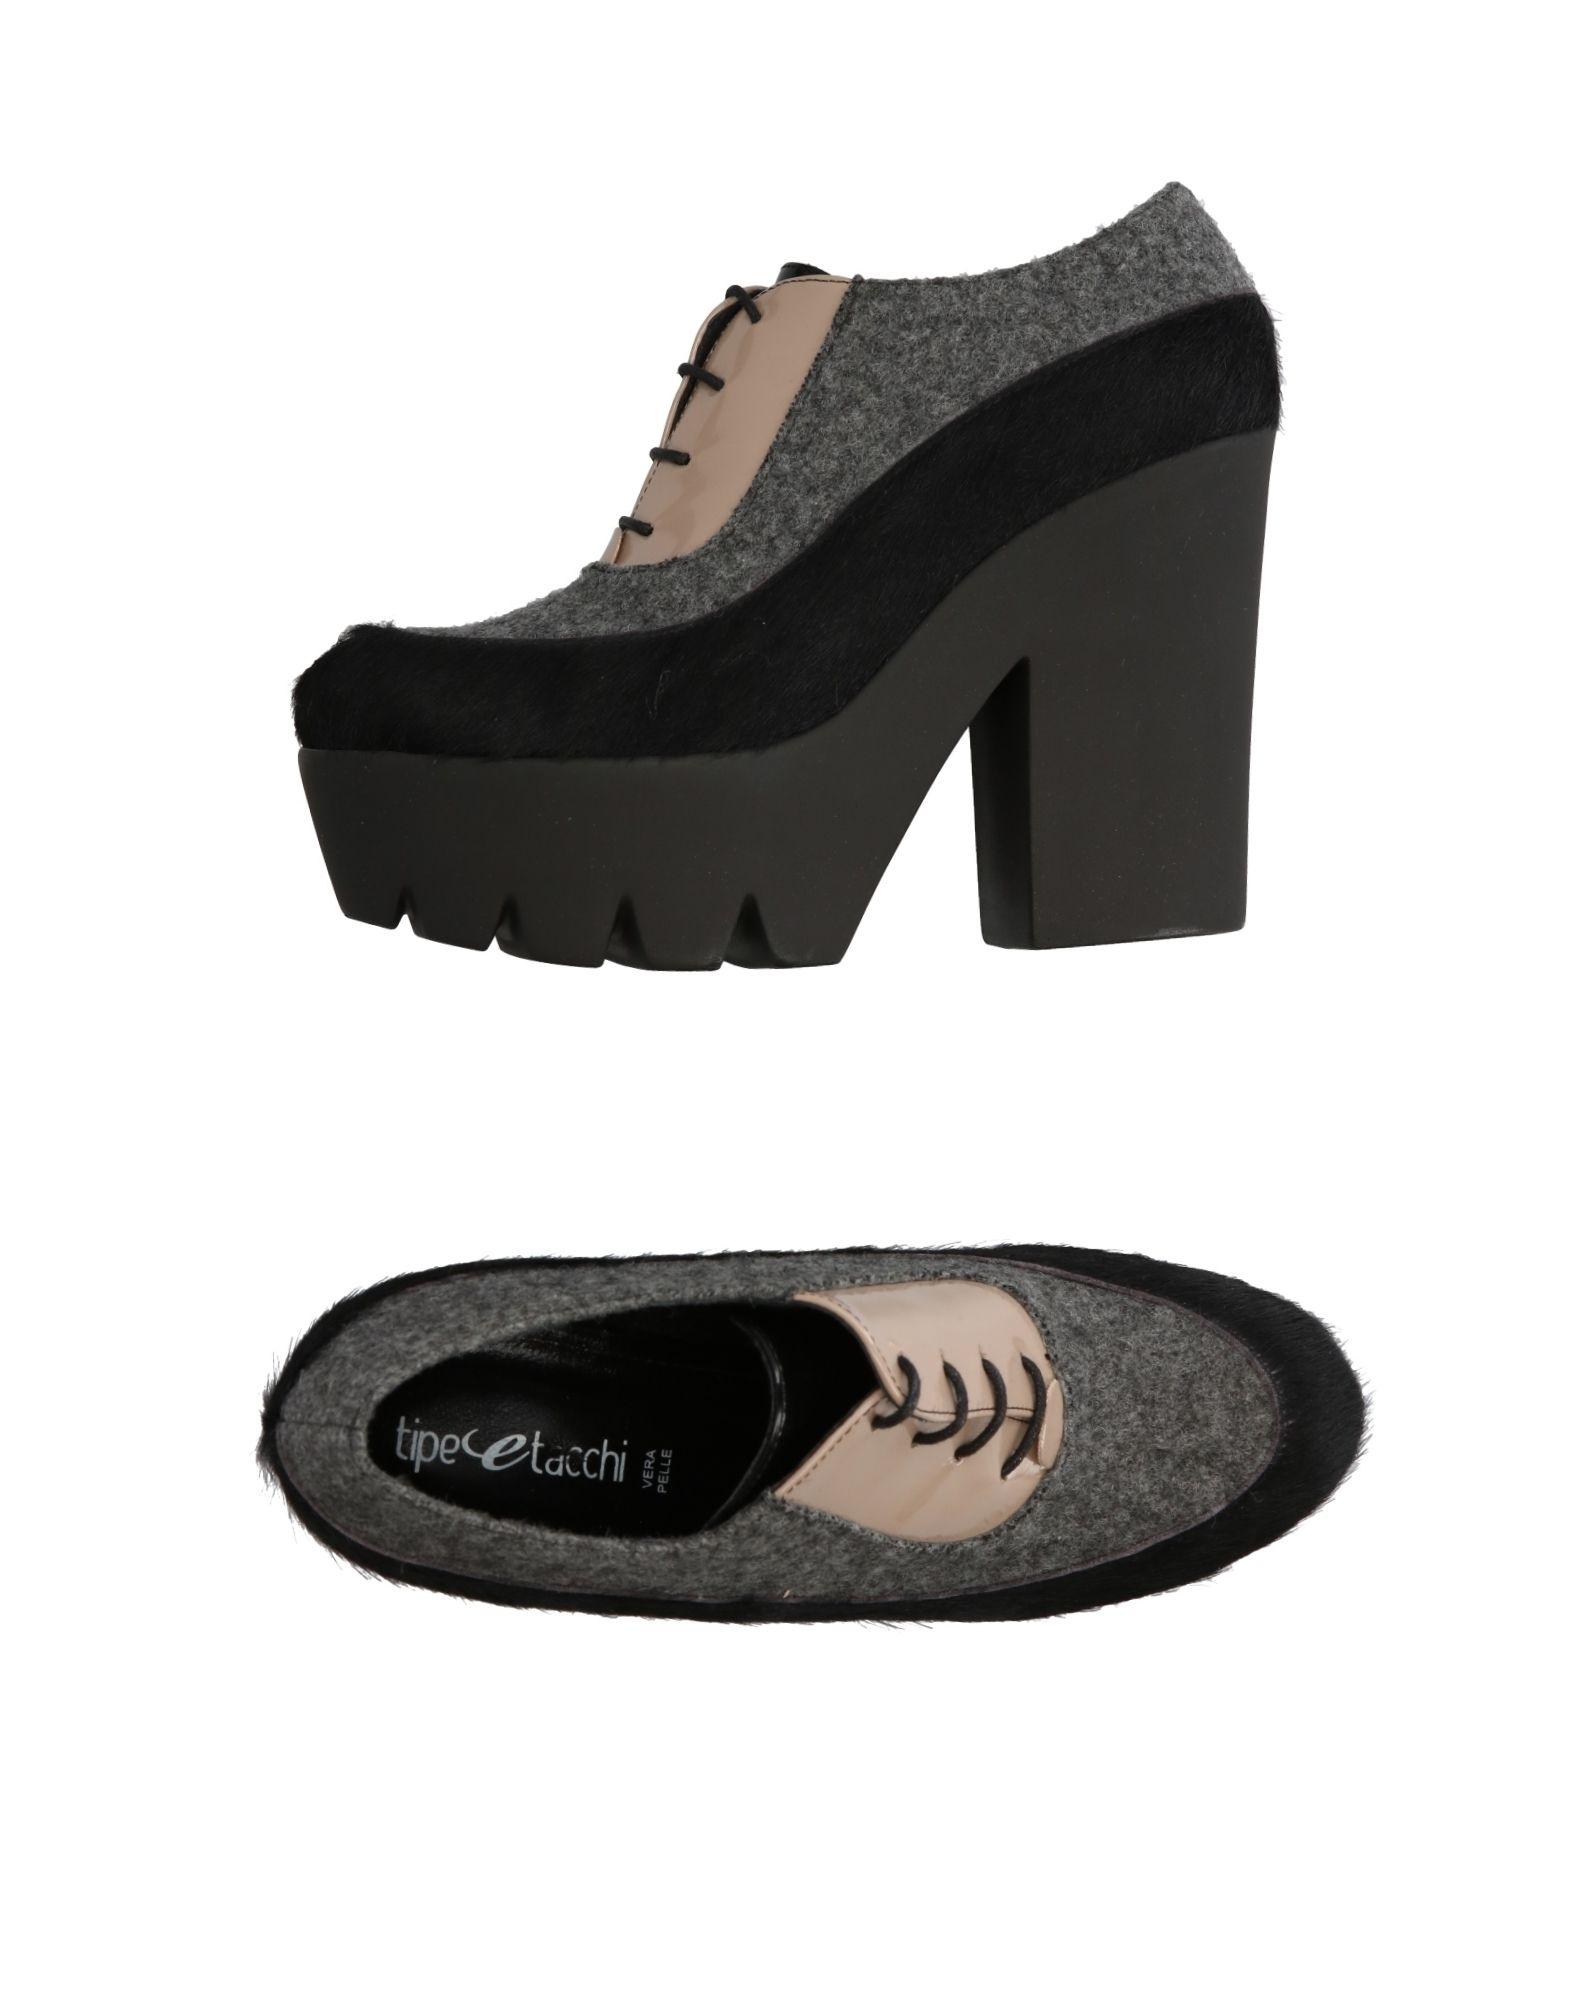 Tipe E Tacchi Schnürschuhe Damen  11288174RQ Schuhe Gute Qualität beliebte Schuhe 11288174RQ 9b989a